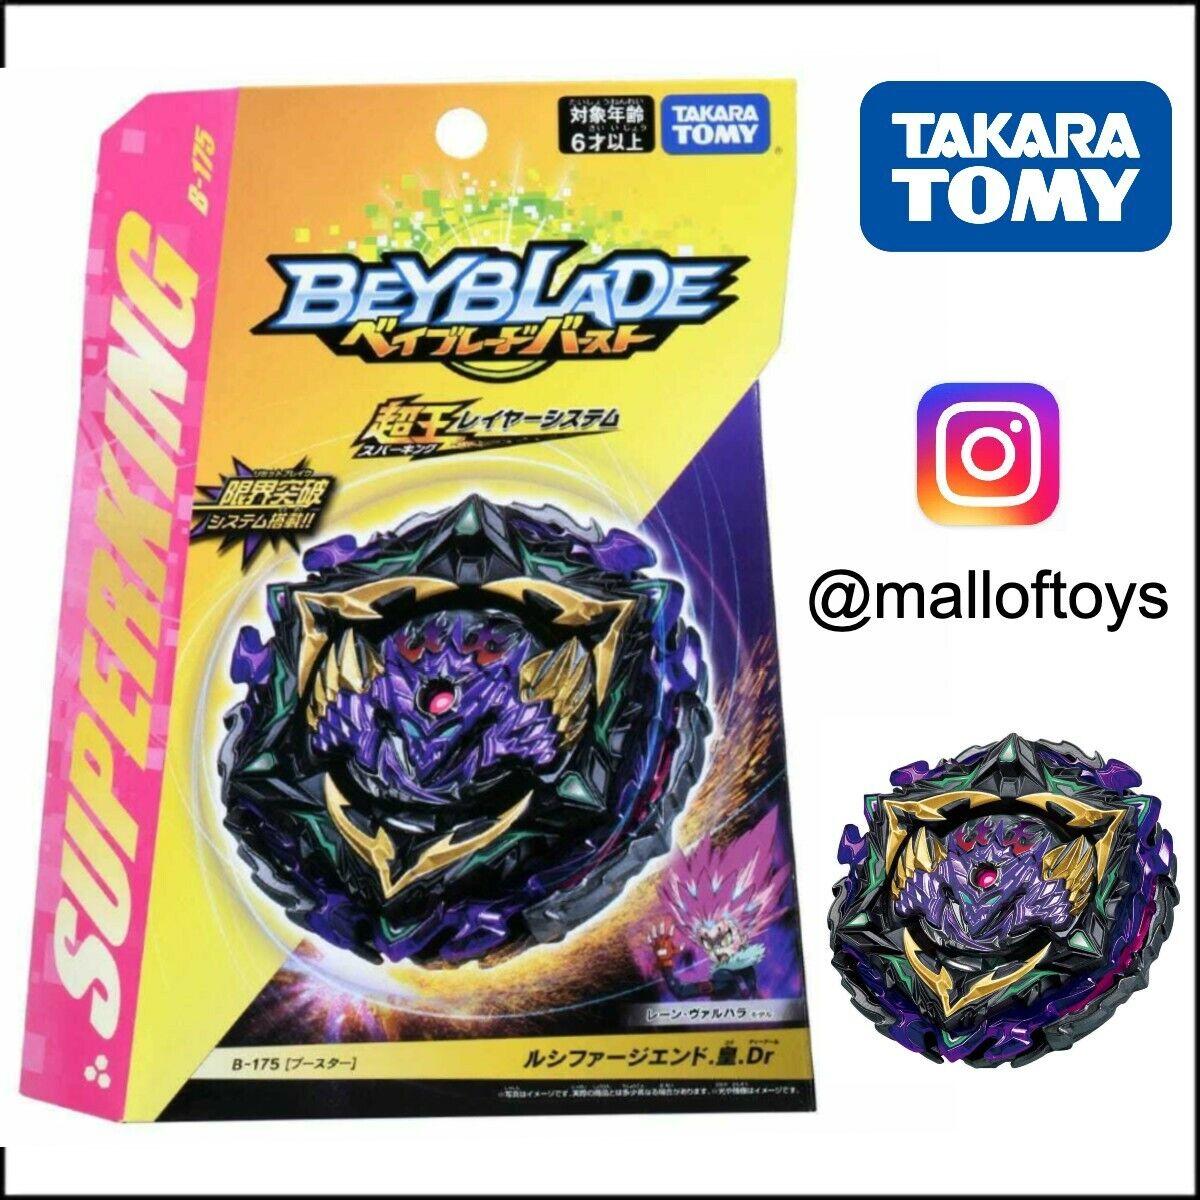 как выглядит Takara Tomy Beyblade BURST Superking B-175 Lucifer The End Kou Drift фото